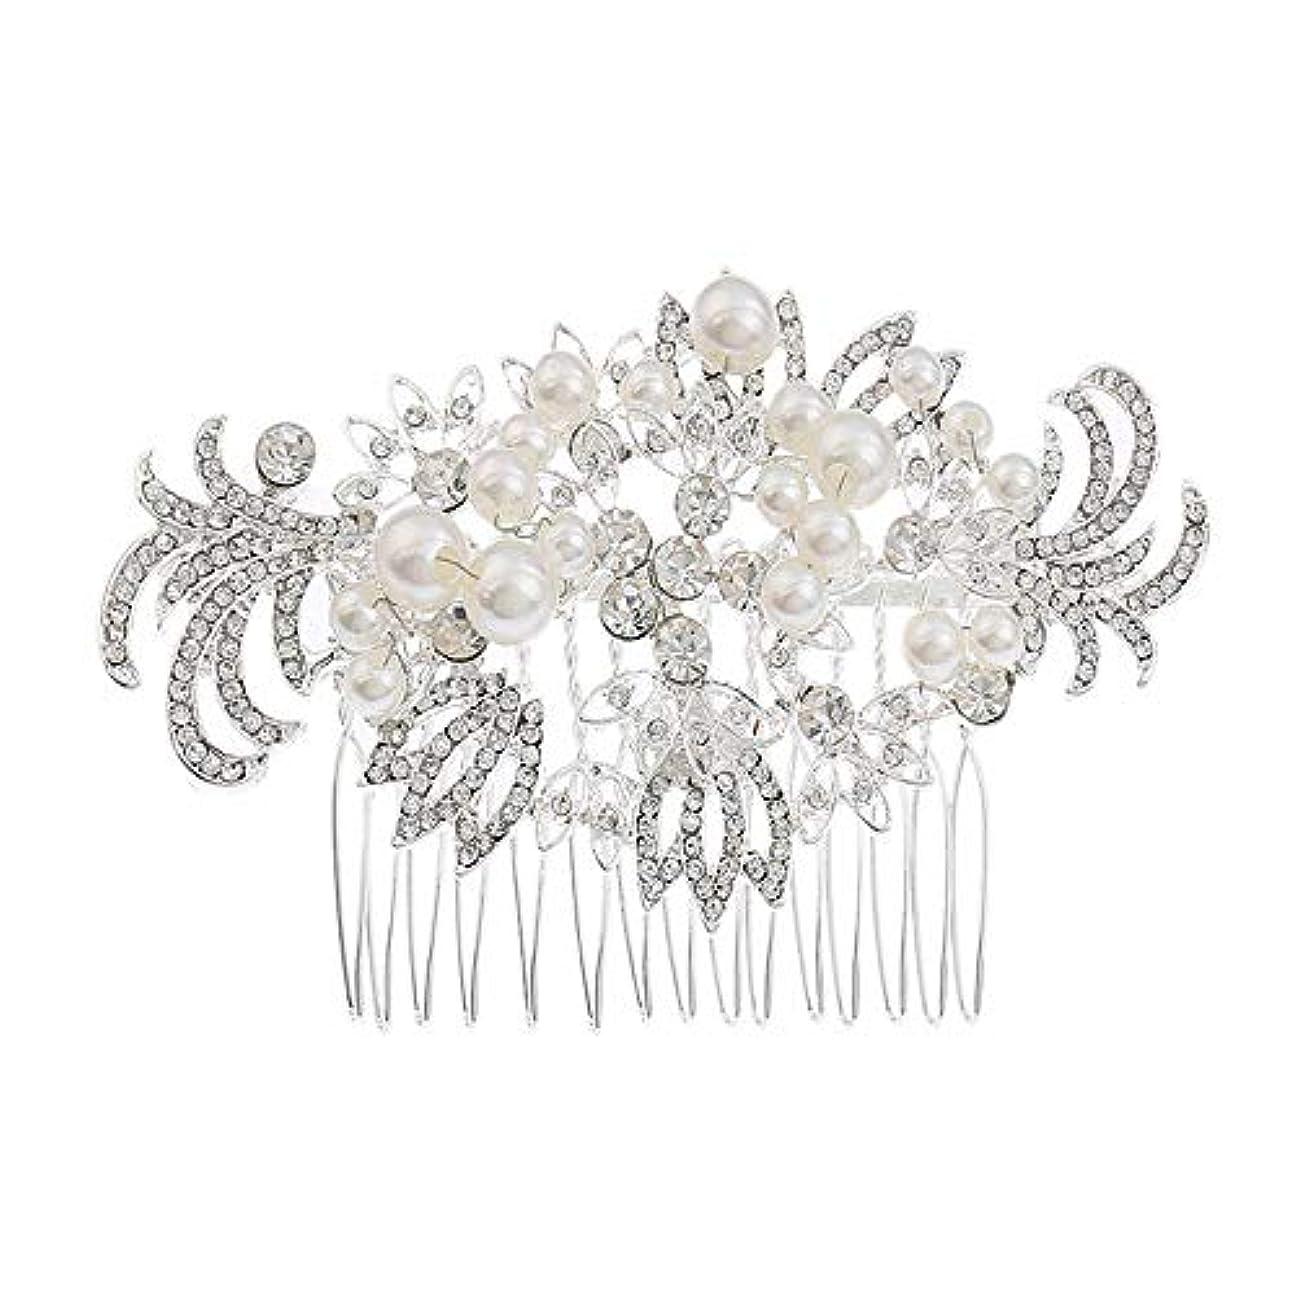 ソブリケットピザくしゃみ髪の櫛挿入櫛花嫁の髪櫛真珠の髪の櫛ラインストーンの髪の櫛結婚式のヘアアクセサリー合金の帽子ブライダルヘッドドレス